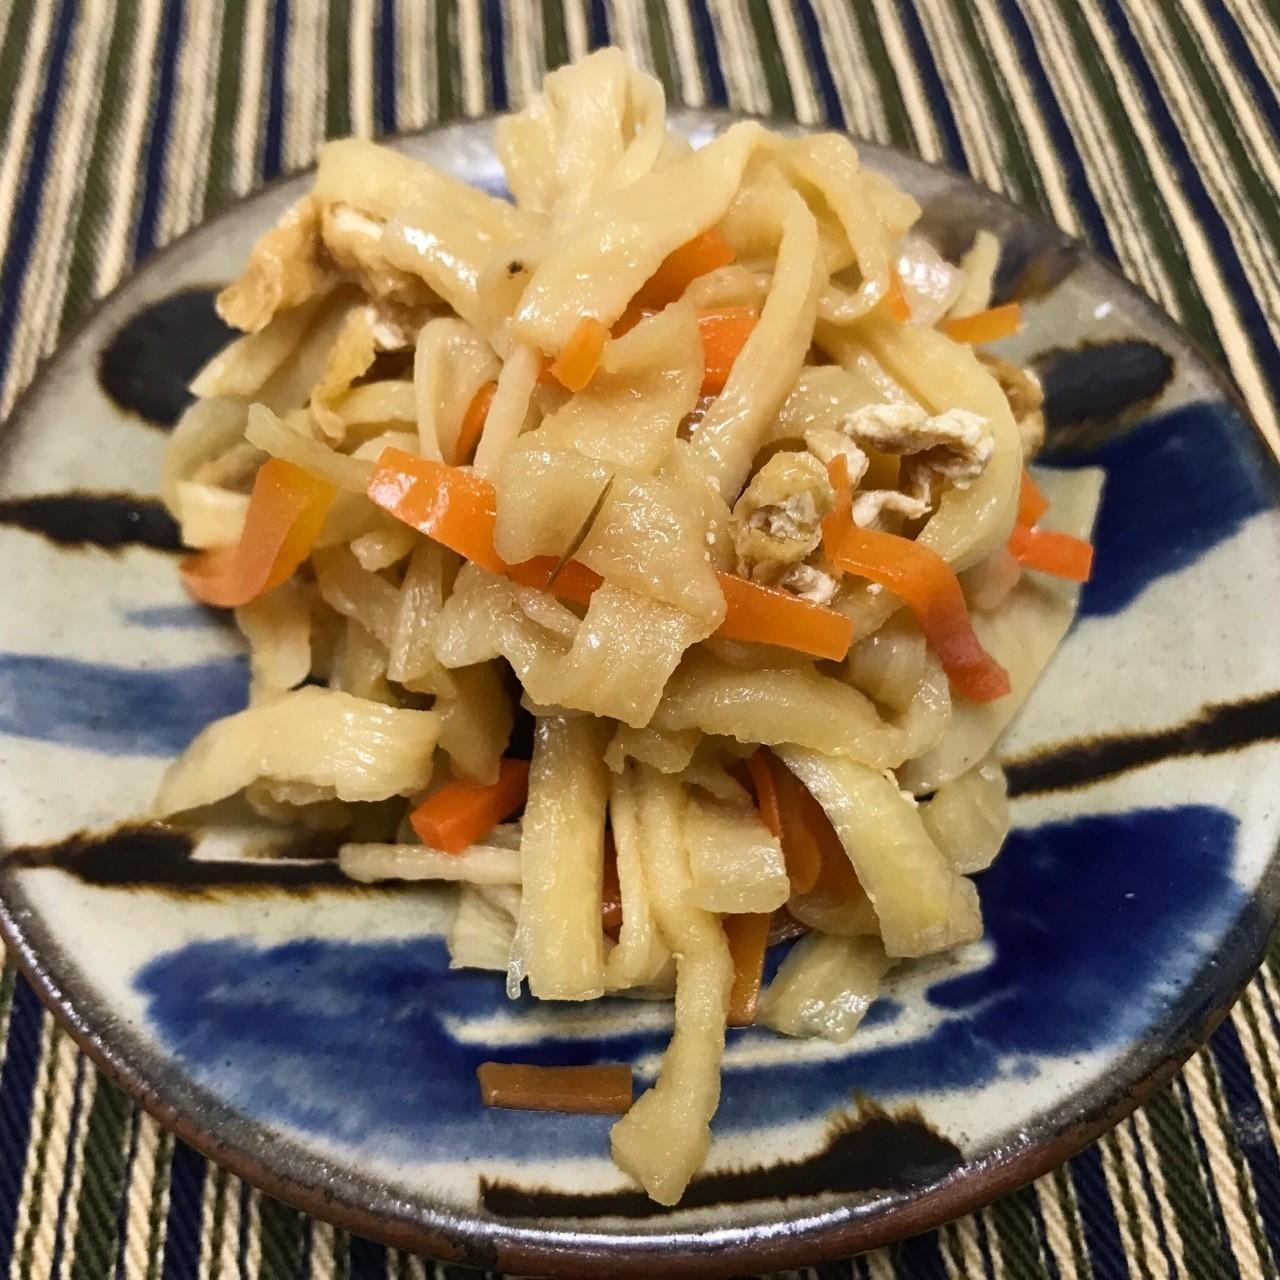 勝浦の朝市で買ってきた切り干し大根を水で戻して、人参、油揚げと炒めて、ダシ・醤油・味醂・砂糖でコトコト煮る。自分で作ると、好みの甘さ・アルデンテでできるのがいいね  #料理 #おつまみ #野菜